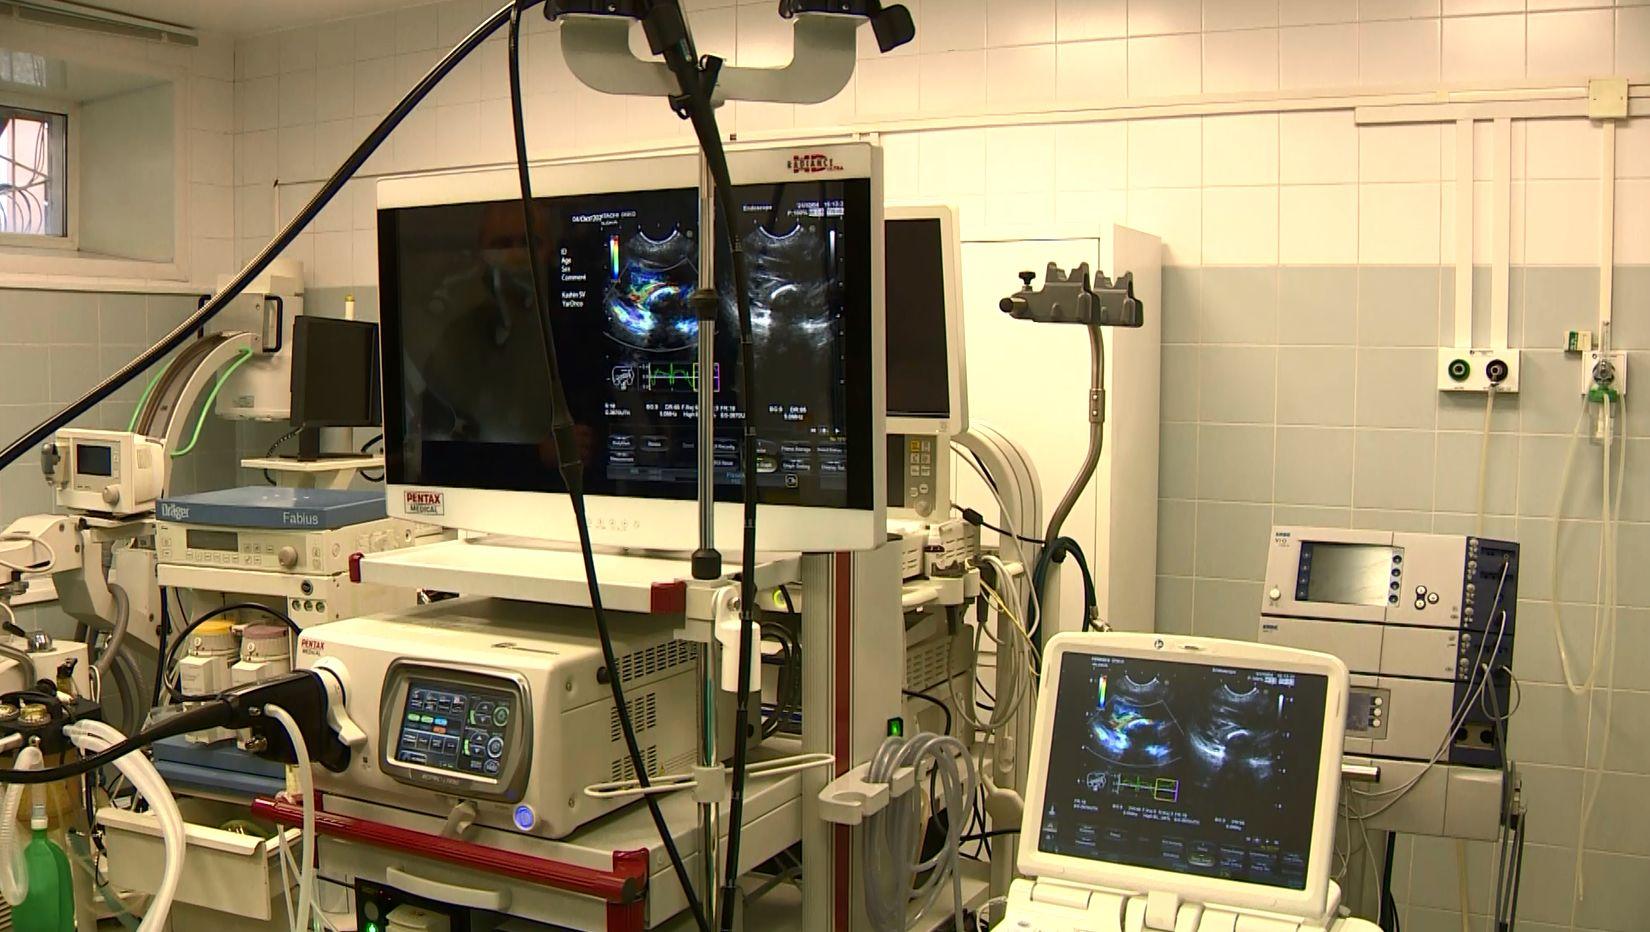 В Ярославскую областную онкологическую больницу привезли новый рентгеновский аппарат типа С-дуга